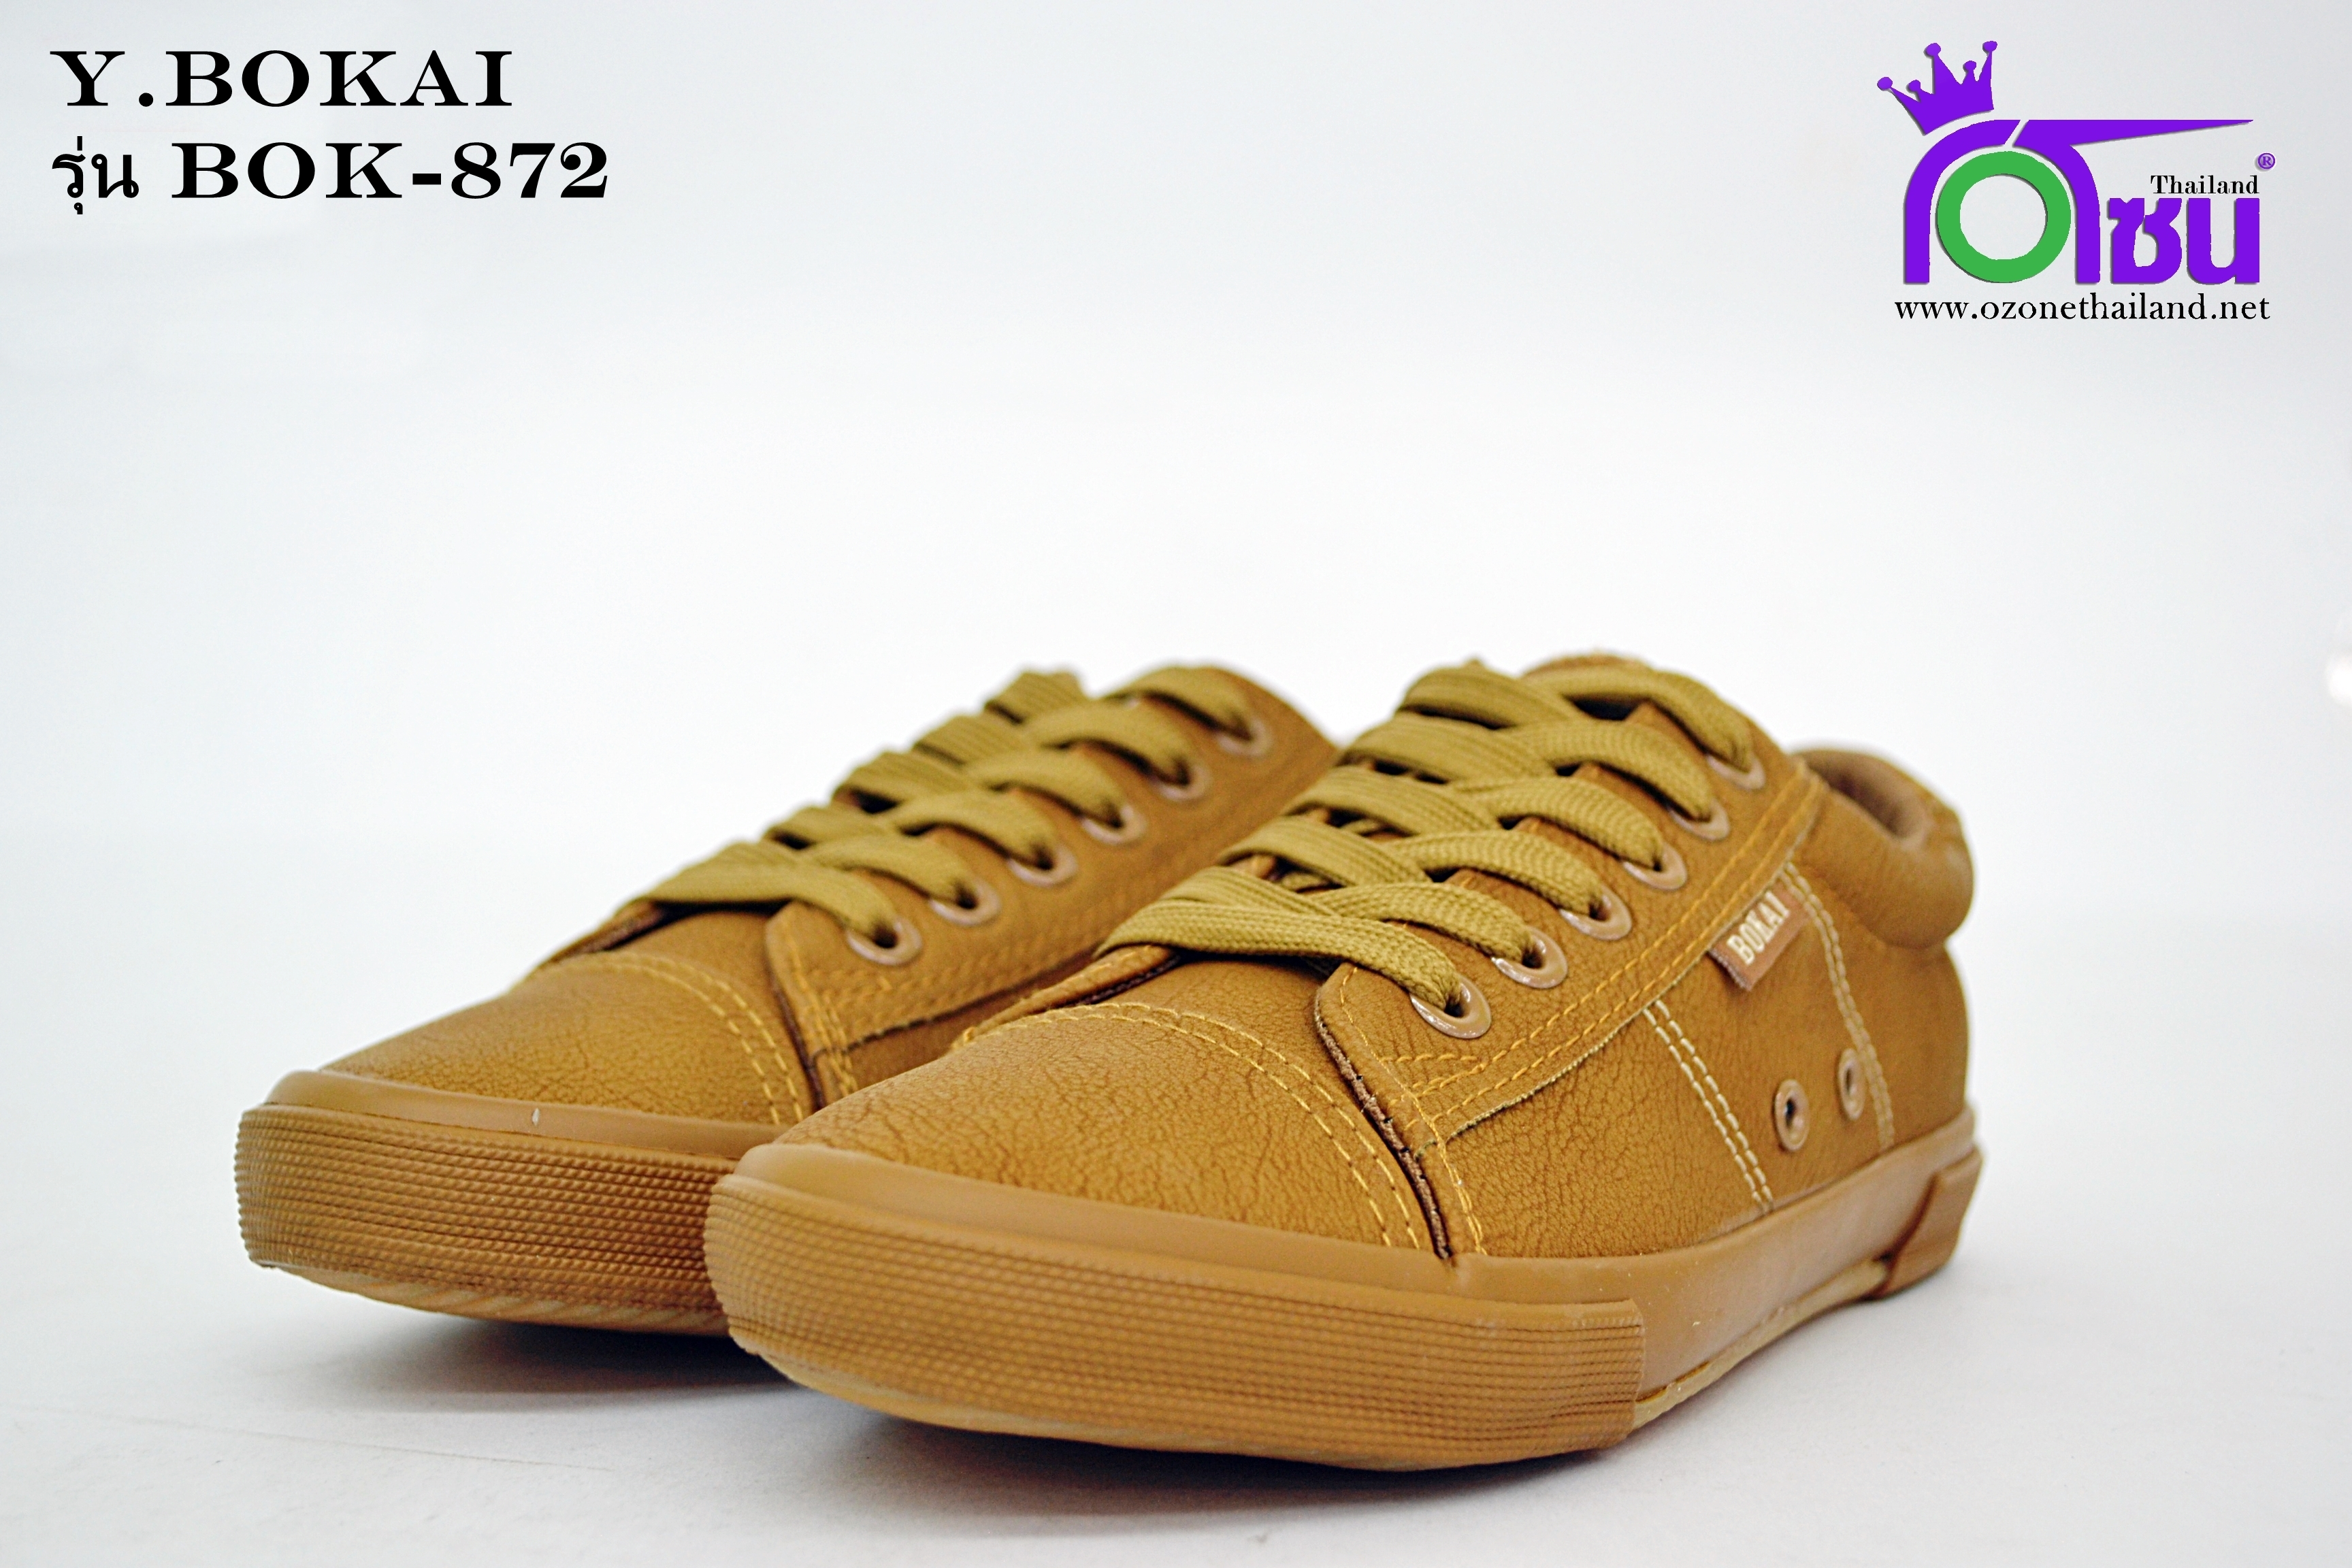 รองเท้าผ้าใบหญิงสปอร์ต Y.BOKAI รุ่นBOK-872 สีน้ำตาล เบอร์37-41